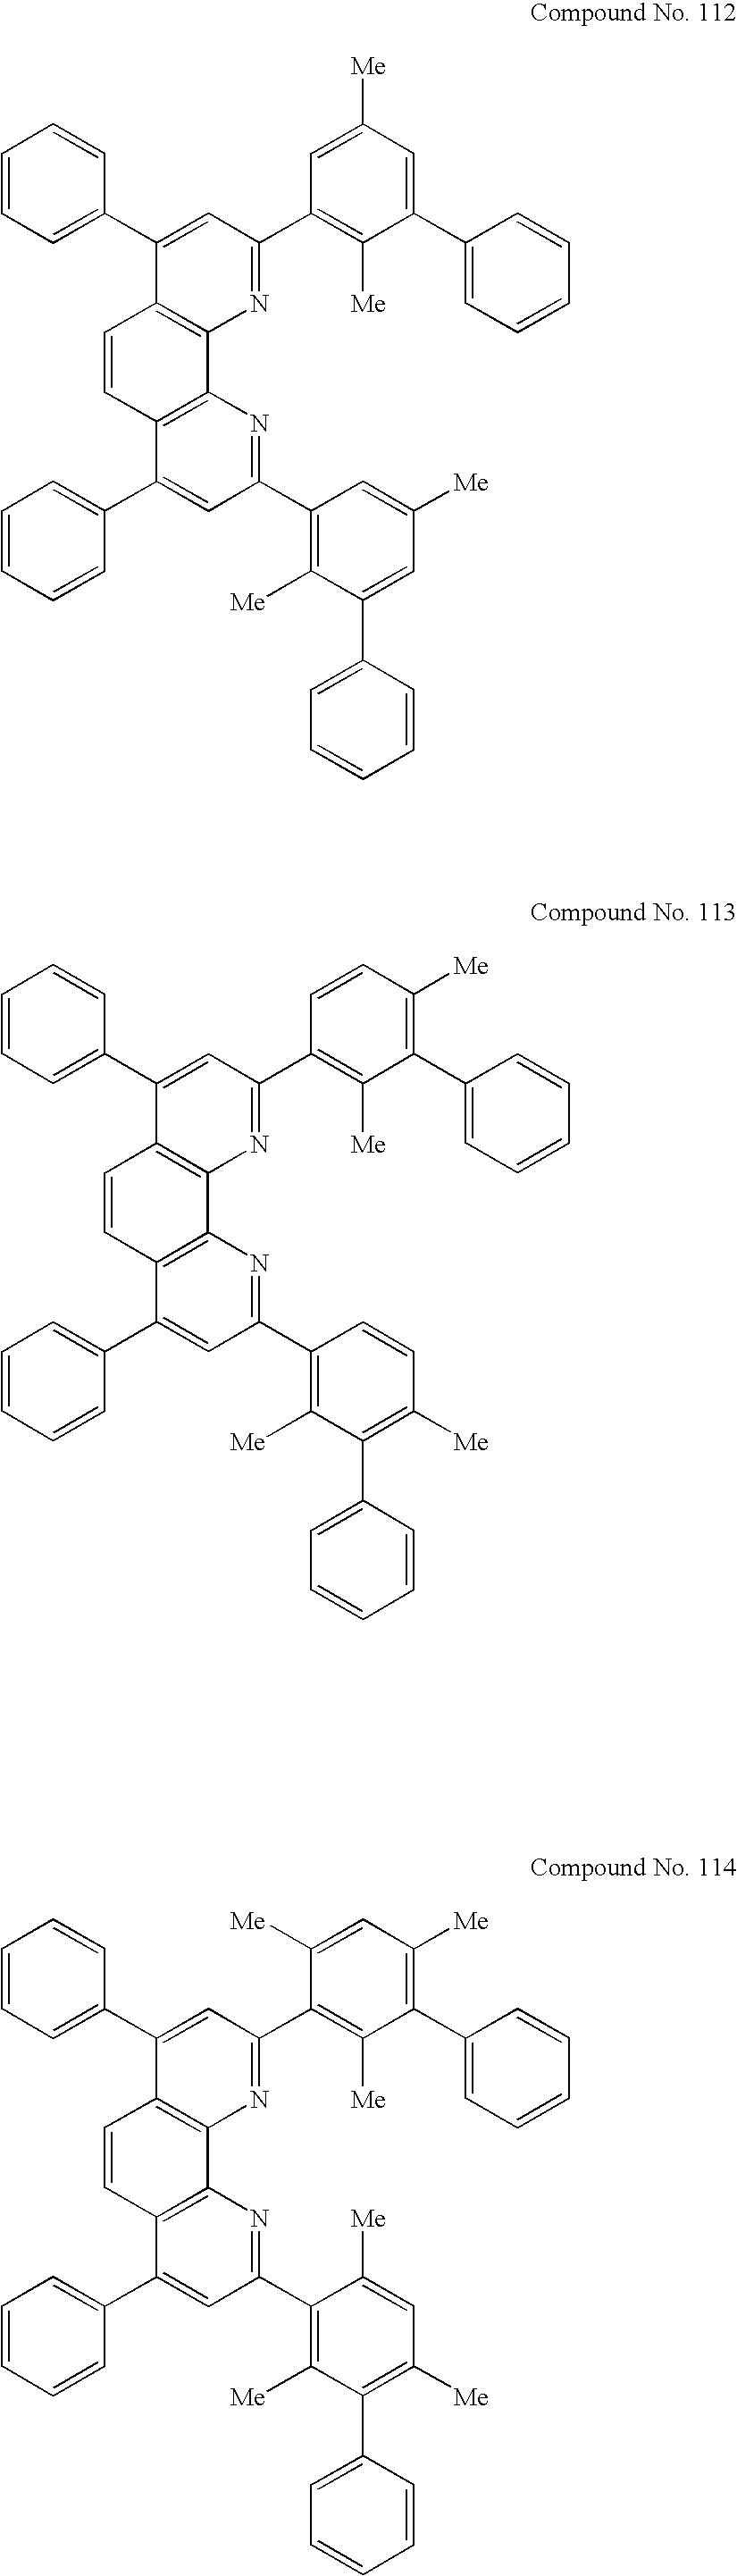 Figure US20050073641A1-20050407-C00036